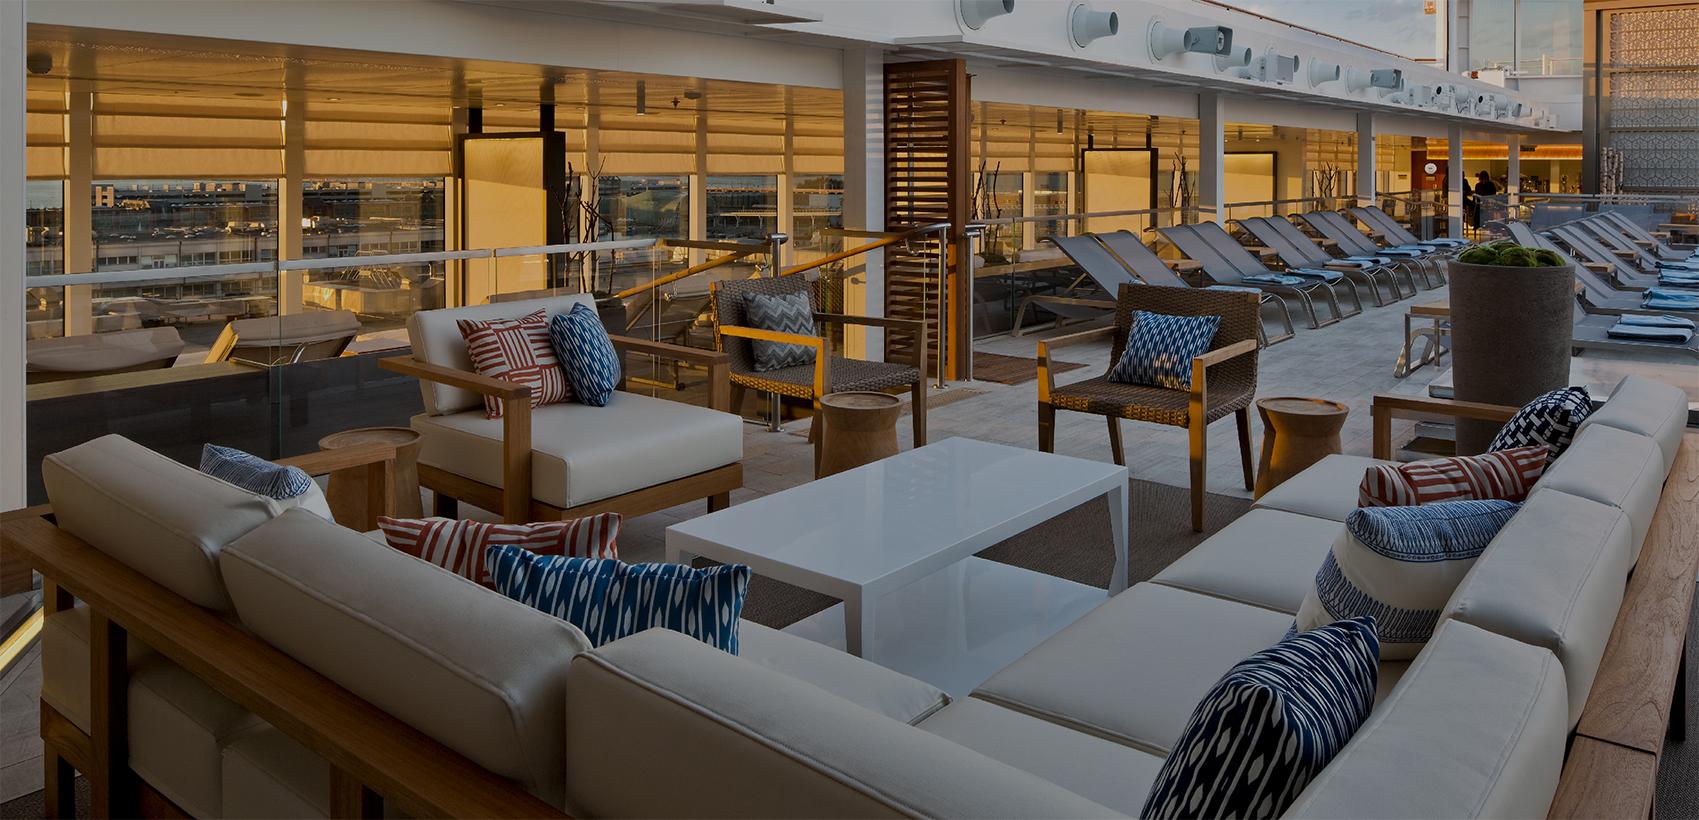 Économisez grâce à Viking River Cruises